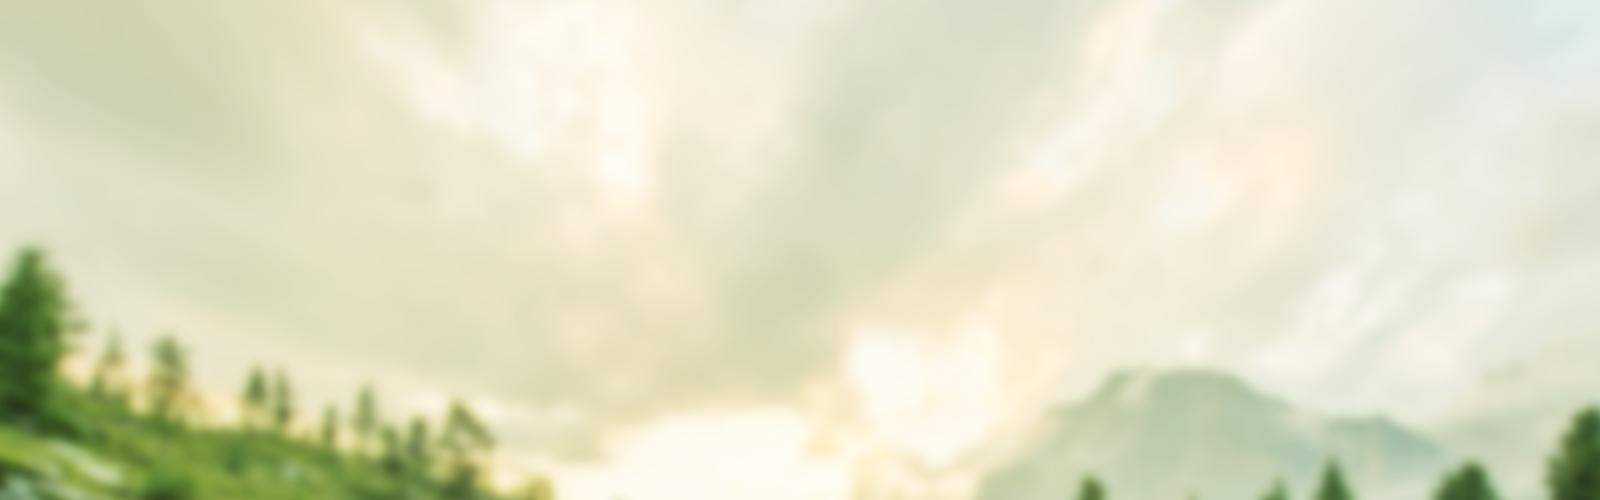 LayerSlider Background